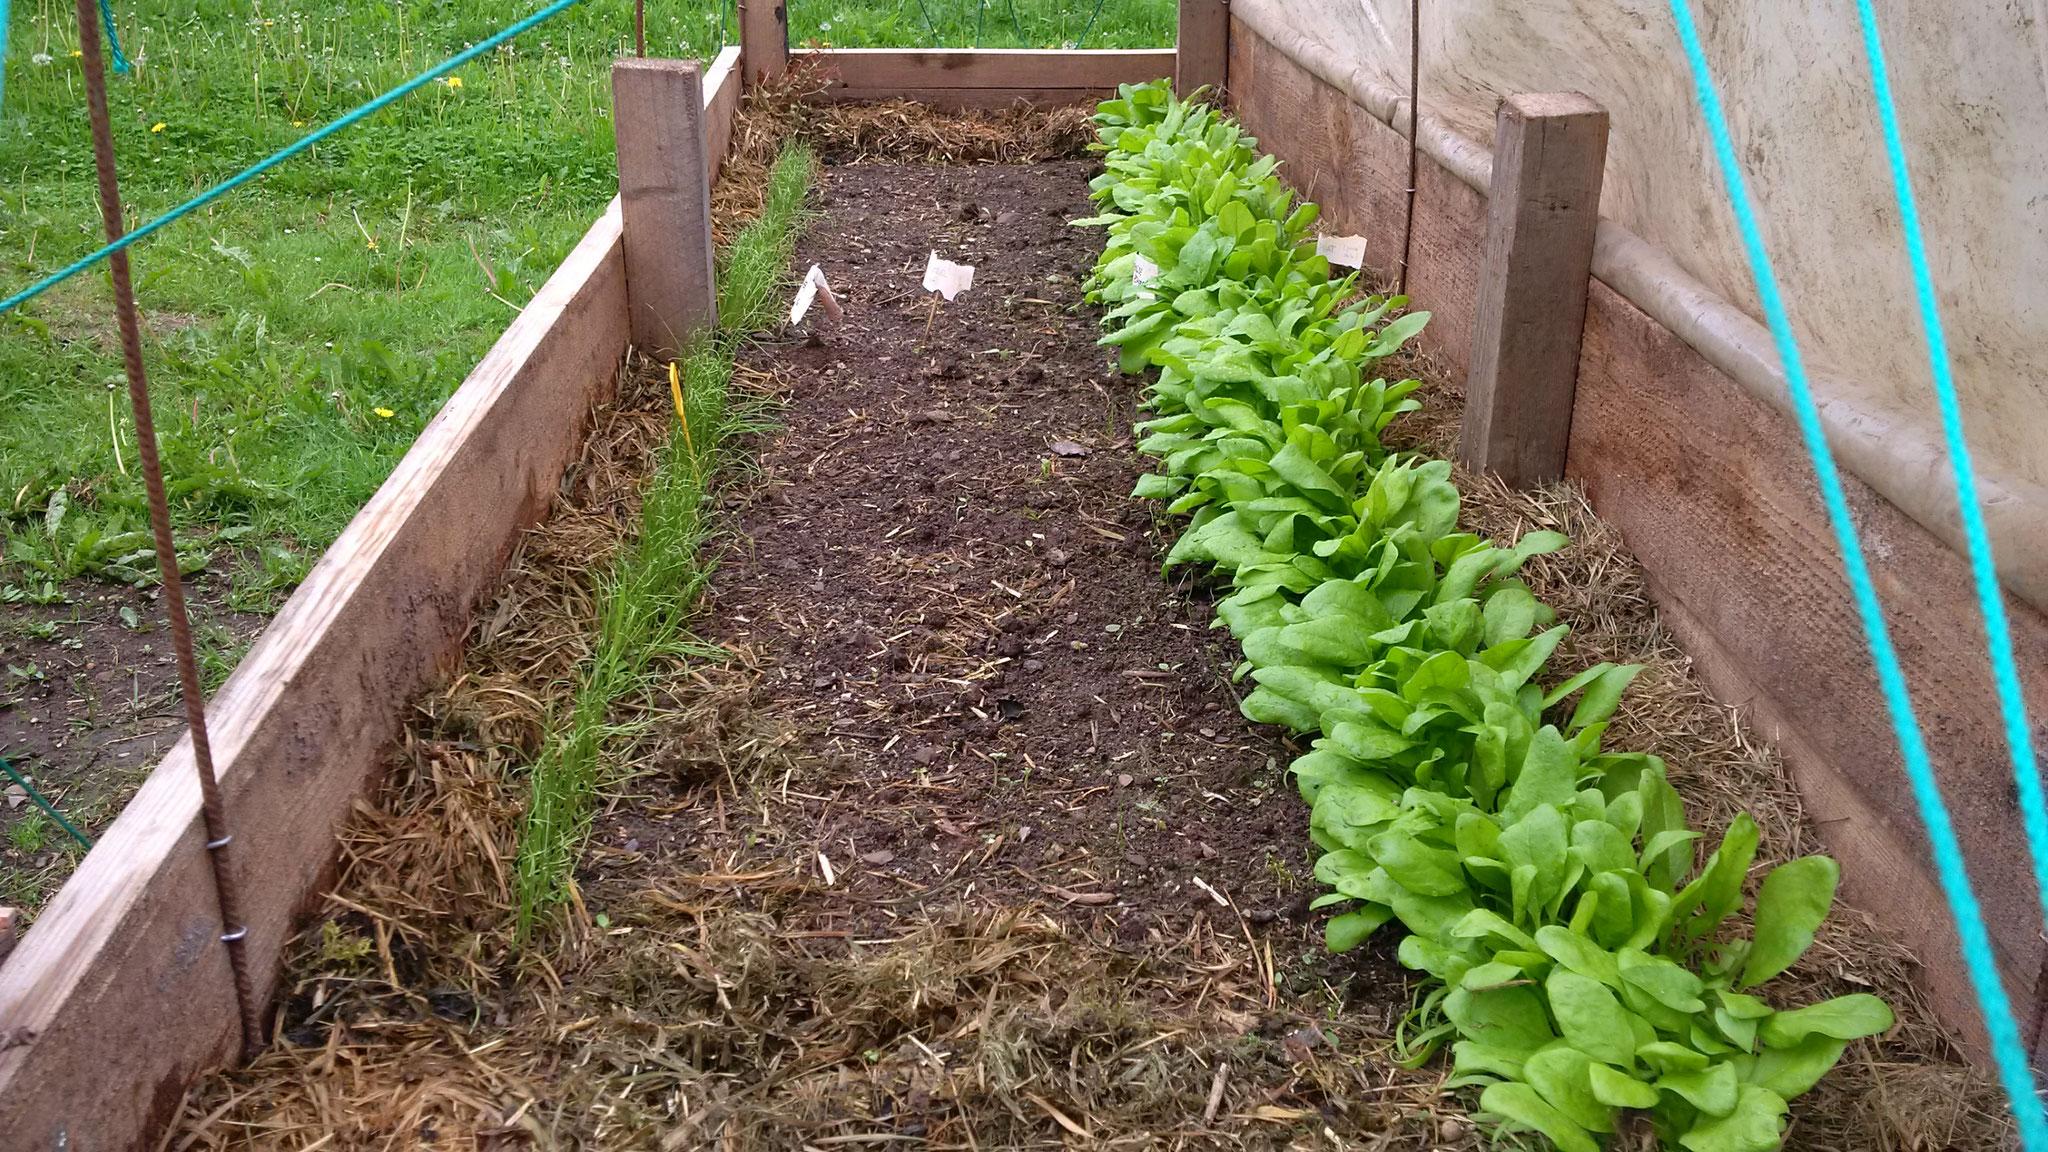 Links die Keimlinge der weißen langen Zwiebel. Dazwischen ein paar Gemüse- und rote Zwiebeln. In jedem Fall Platz satt zum Vereinzeln